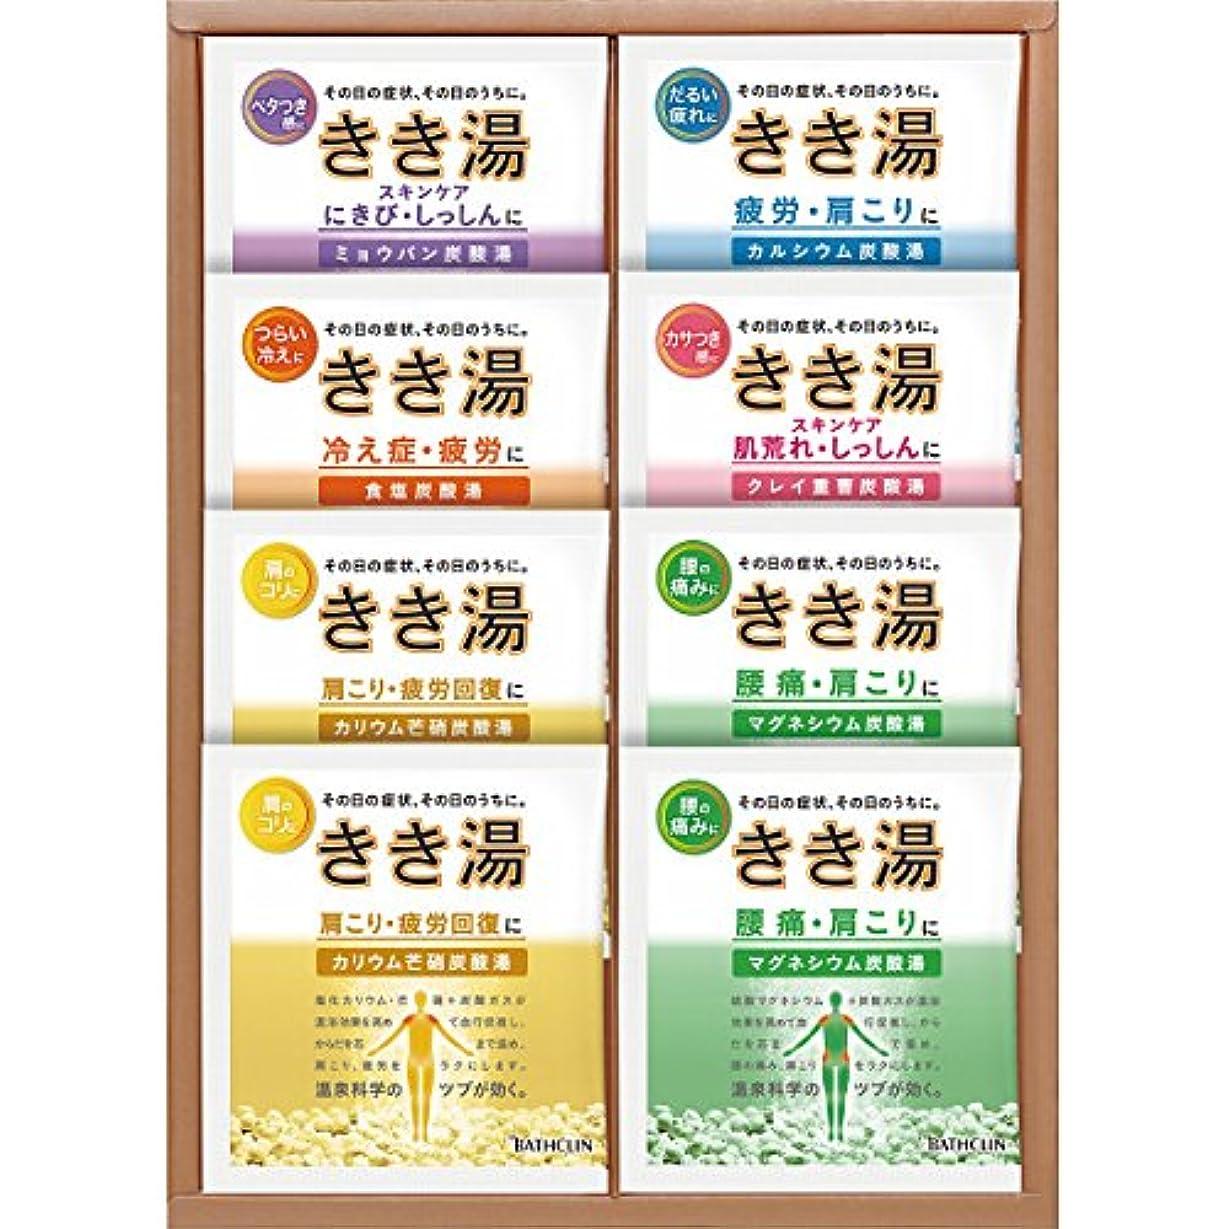 冷蔵庫コーン鎮痛剤【ギフトセット】 きき湯オリジナルギフトセット KKY-10C